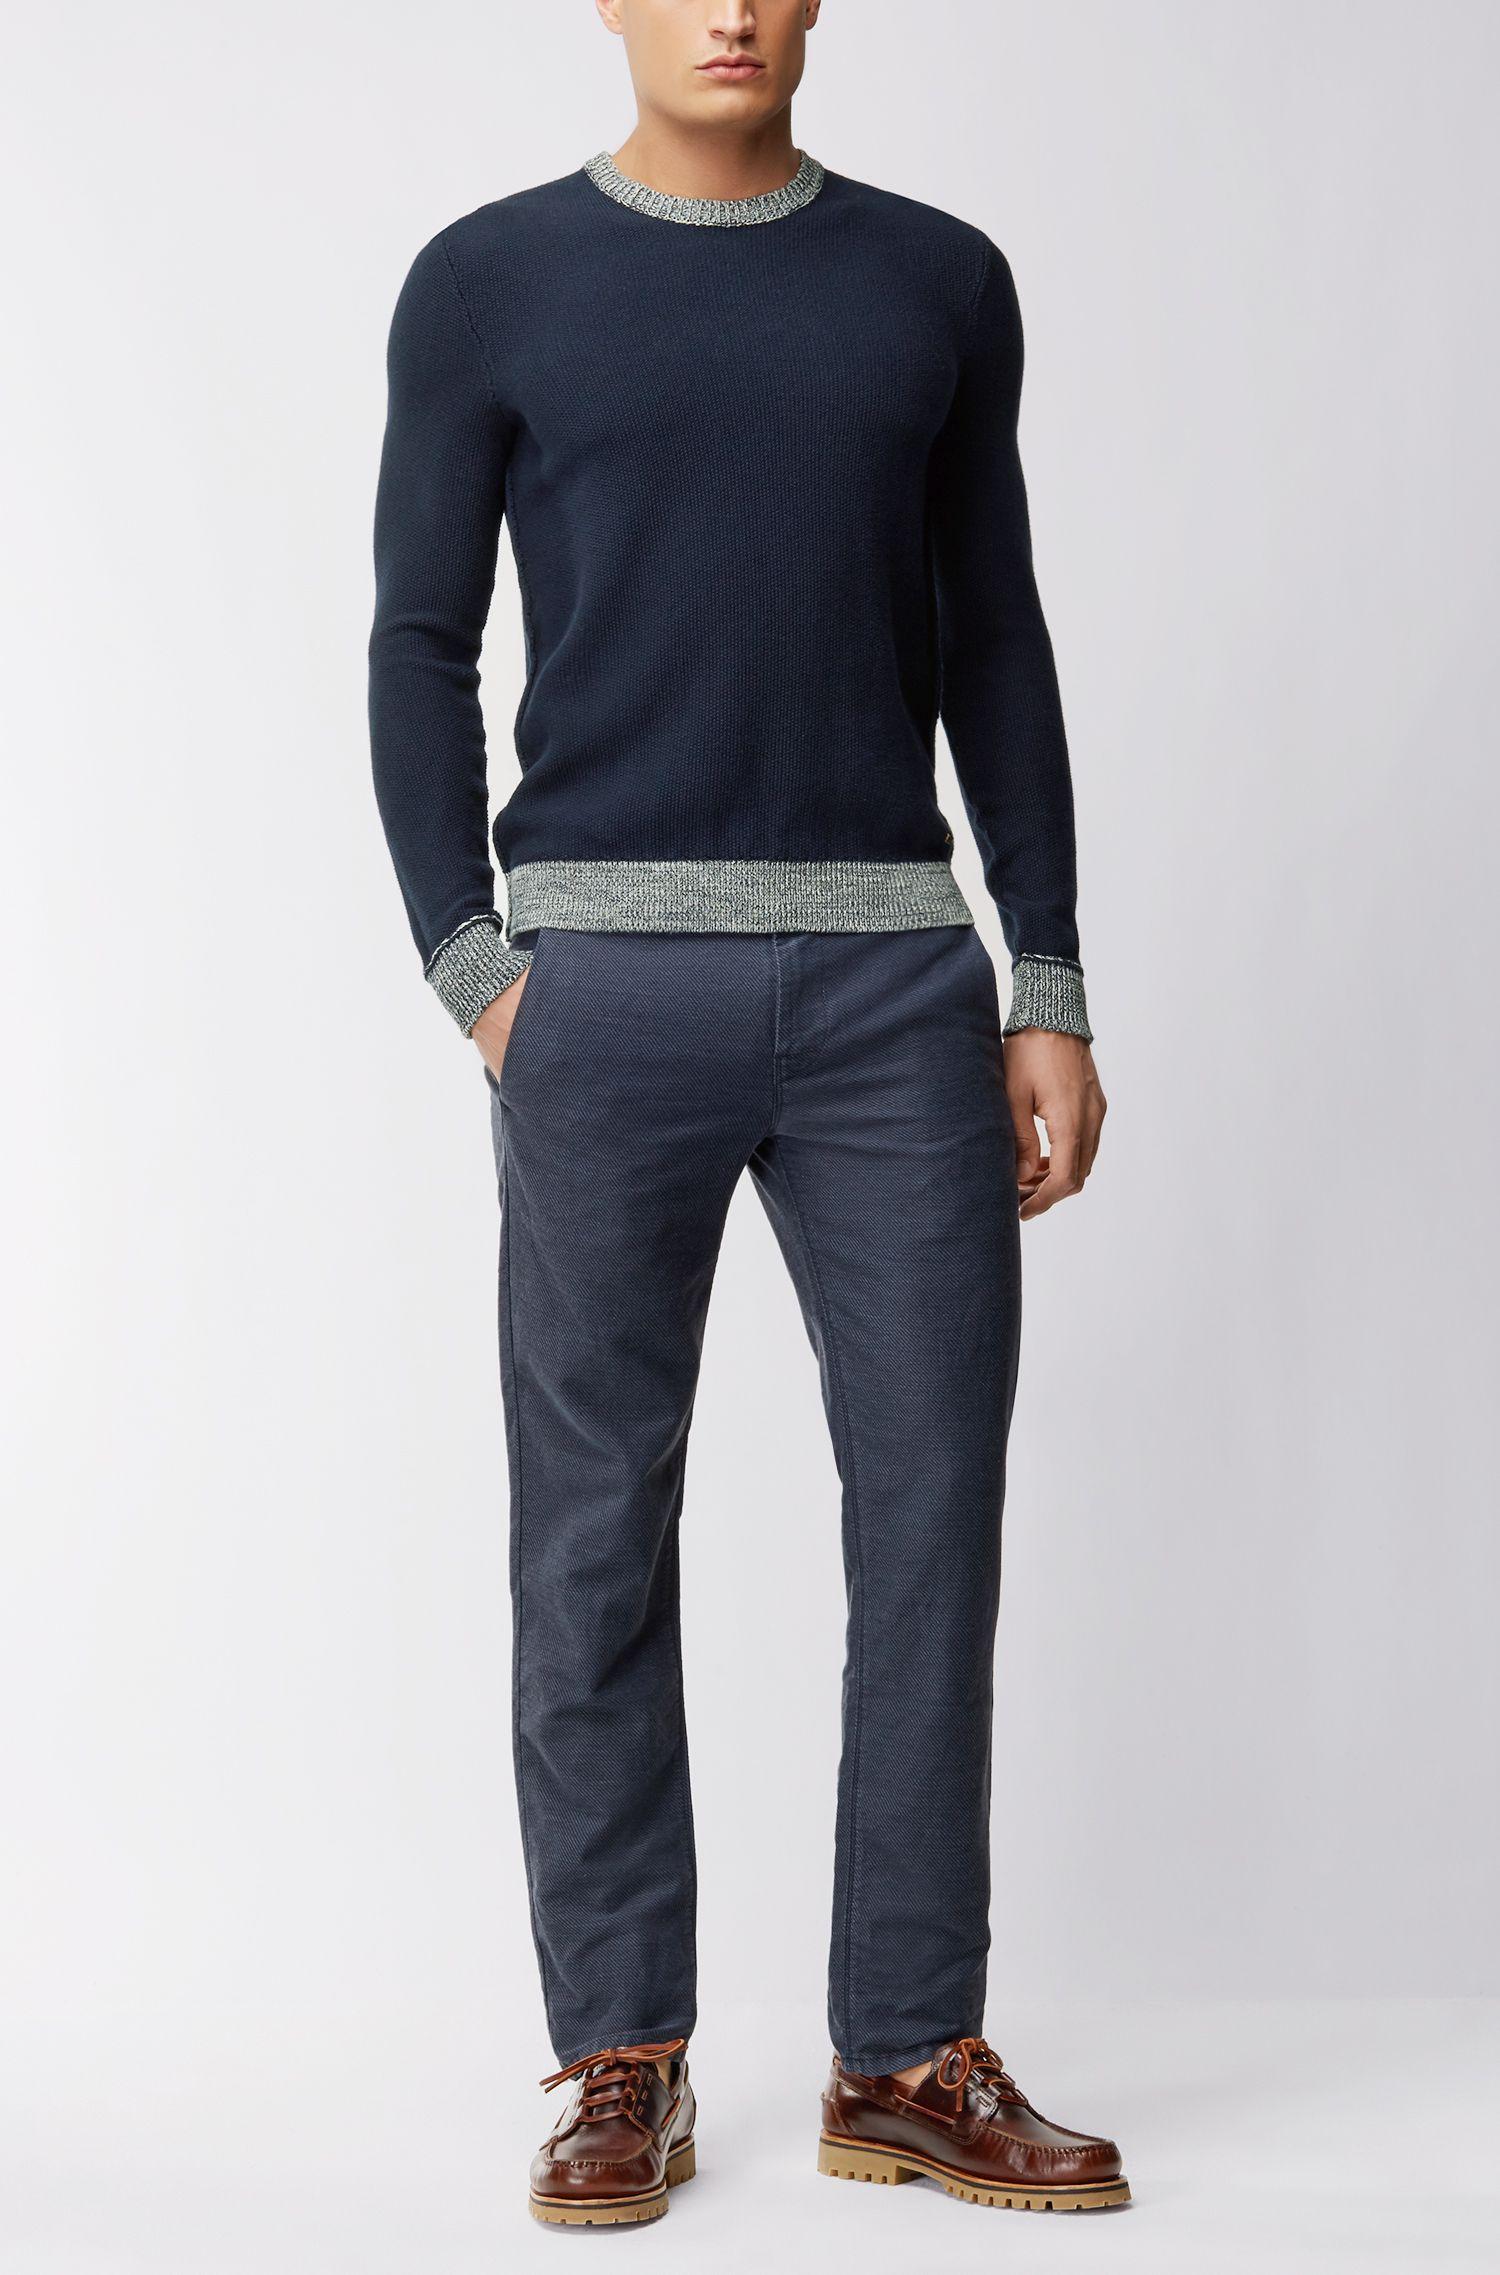 Maglione in cotone in maglia microlavorata con orlo mouliné a contrasto